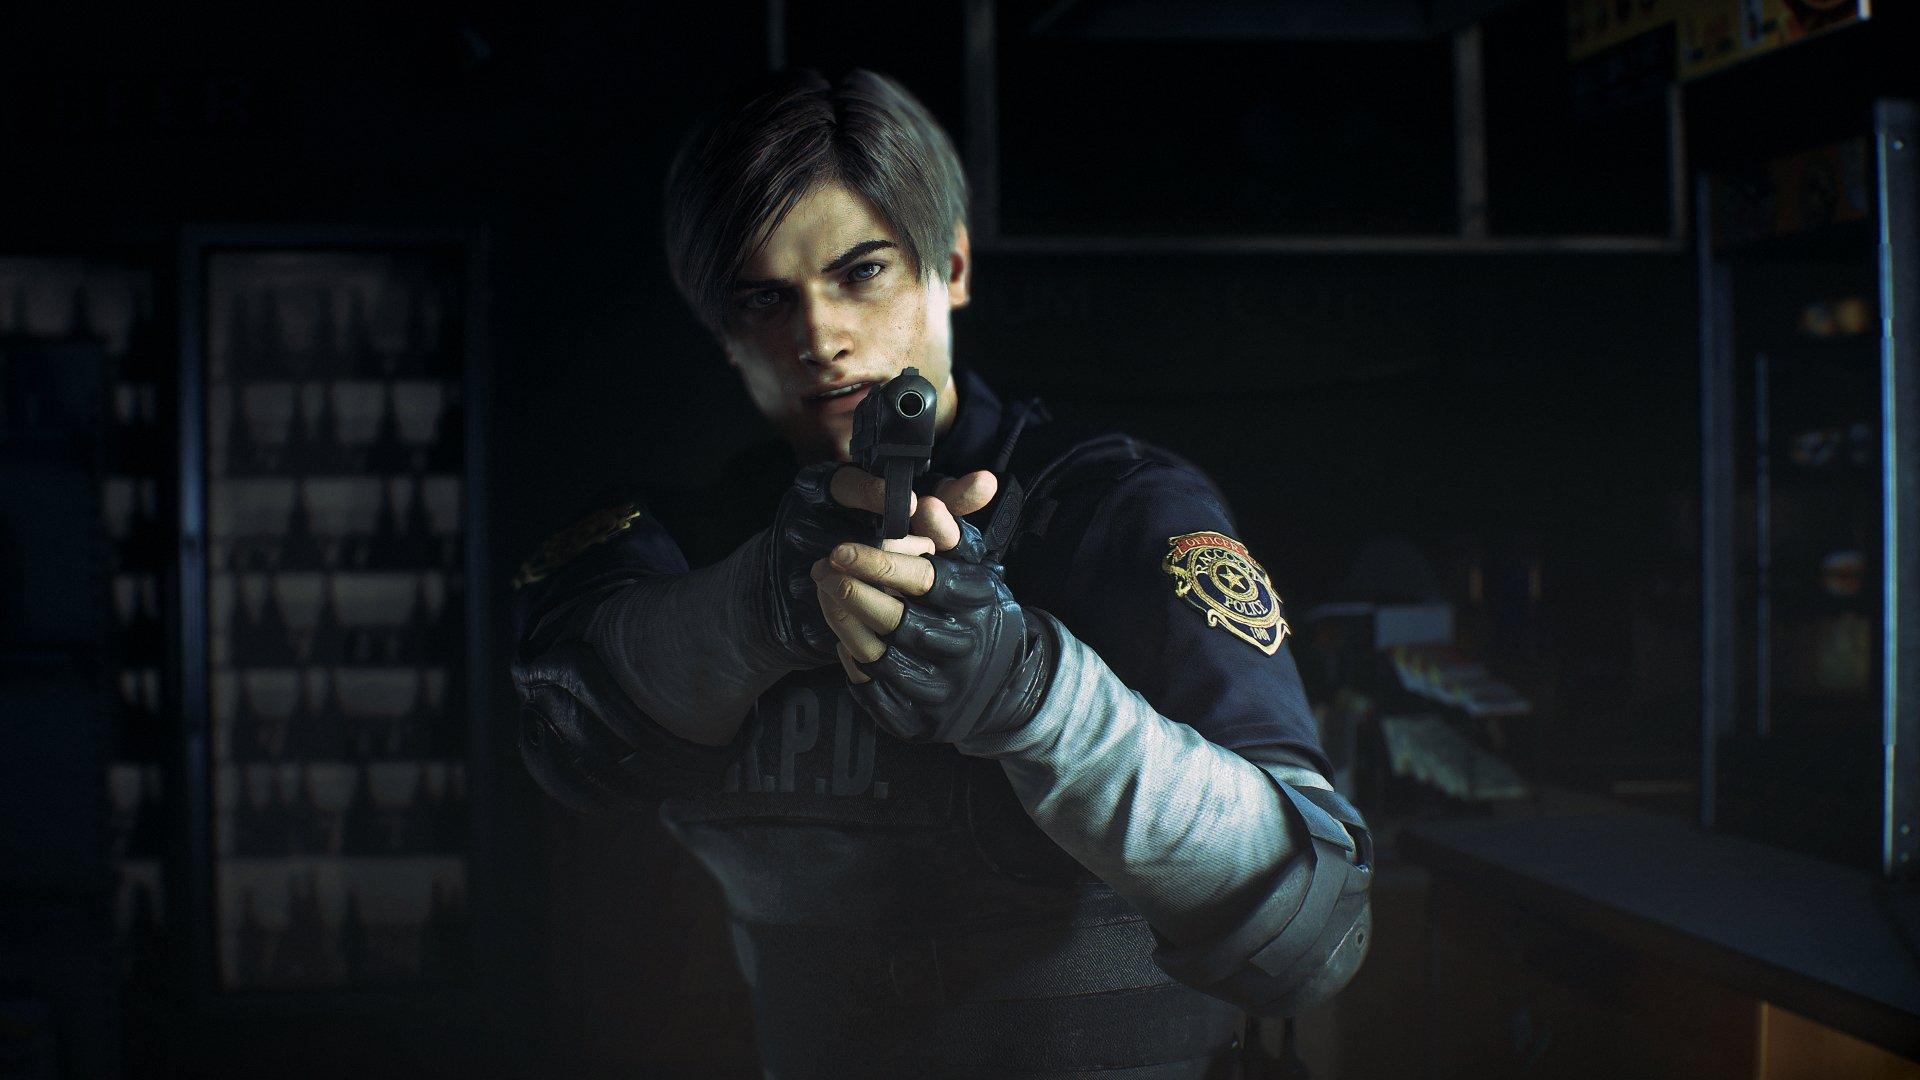 Les meilleures offres Resident Evil 2 pour Black Friday 2019